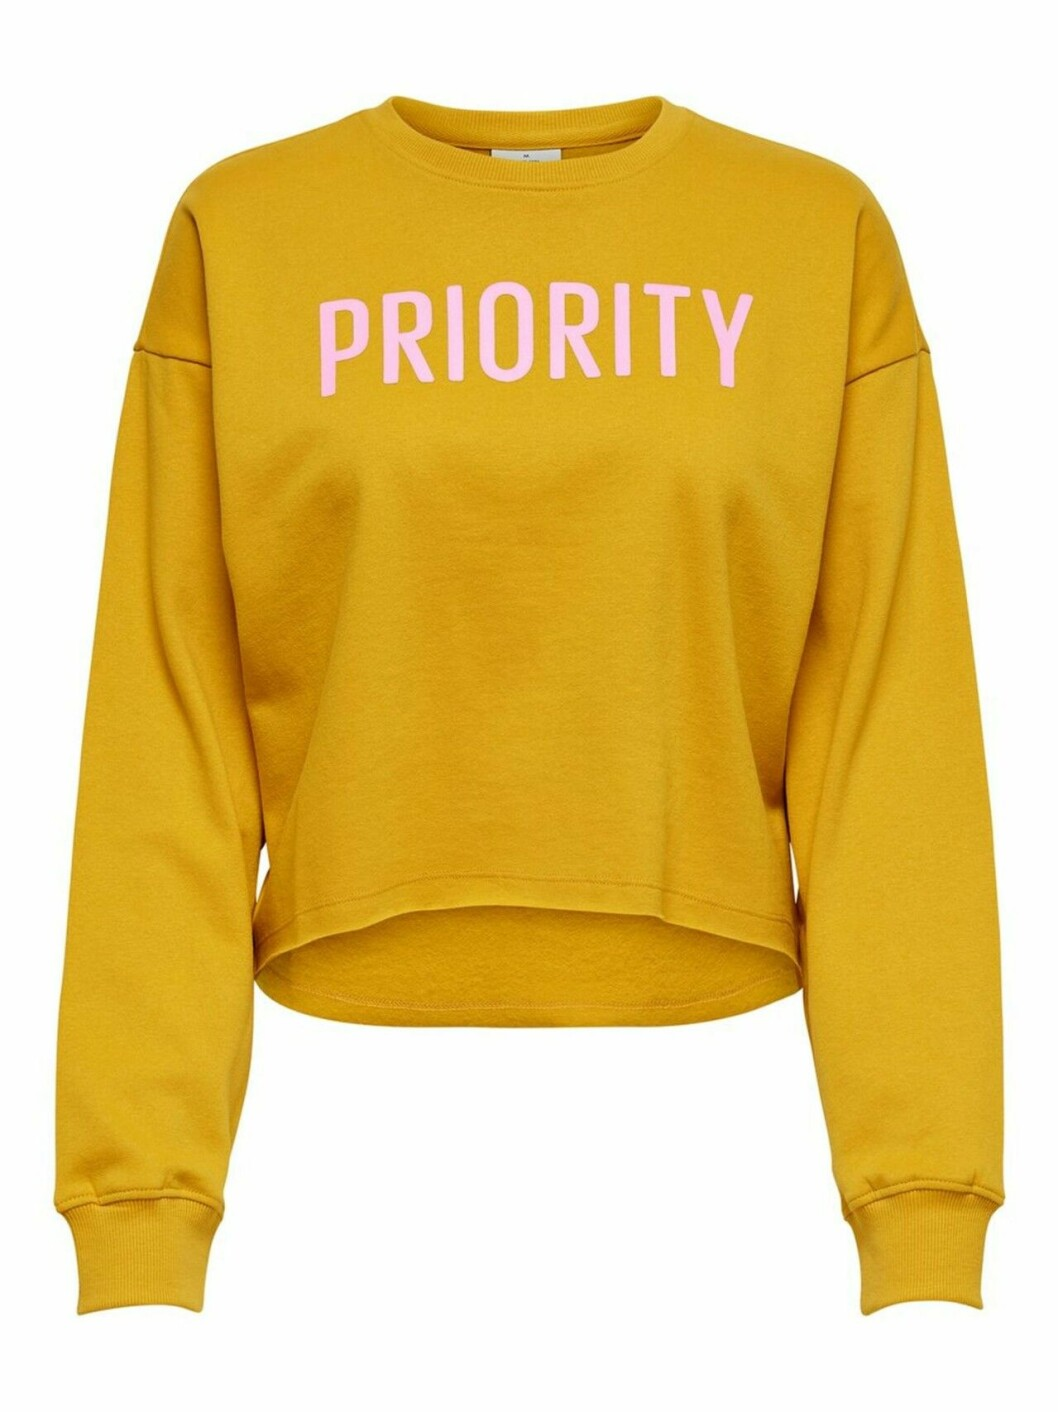 Gul sweatshirt i croppad modell